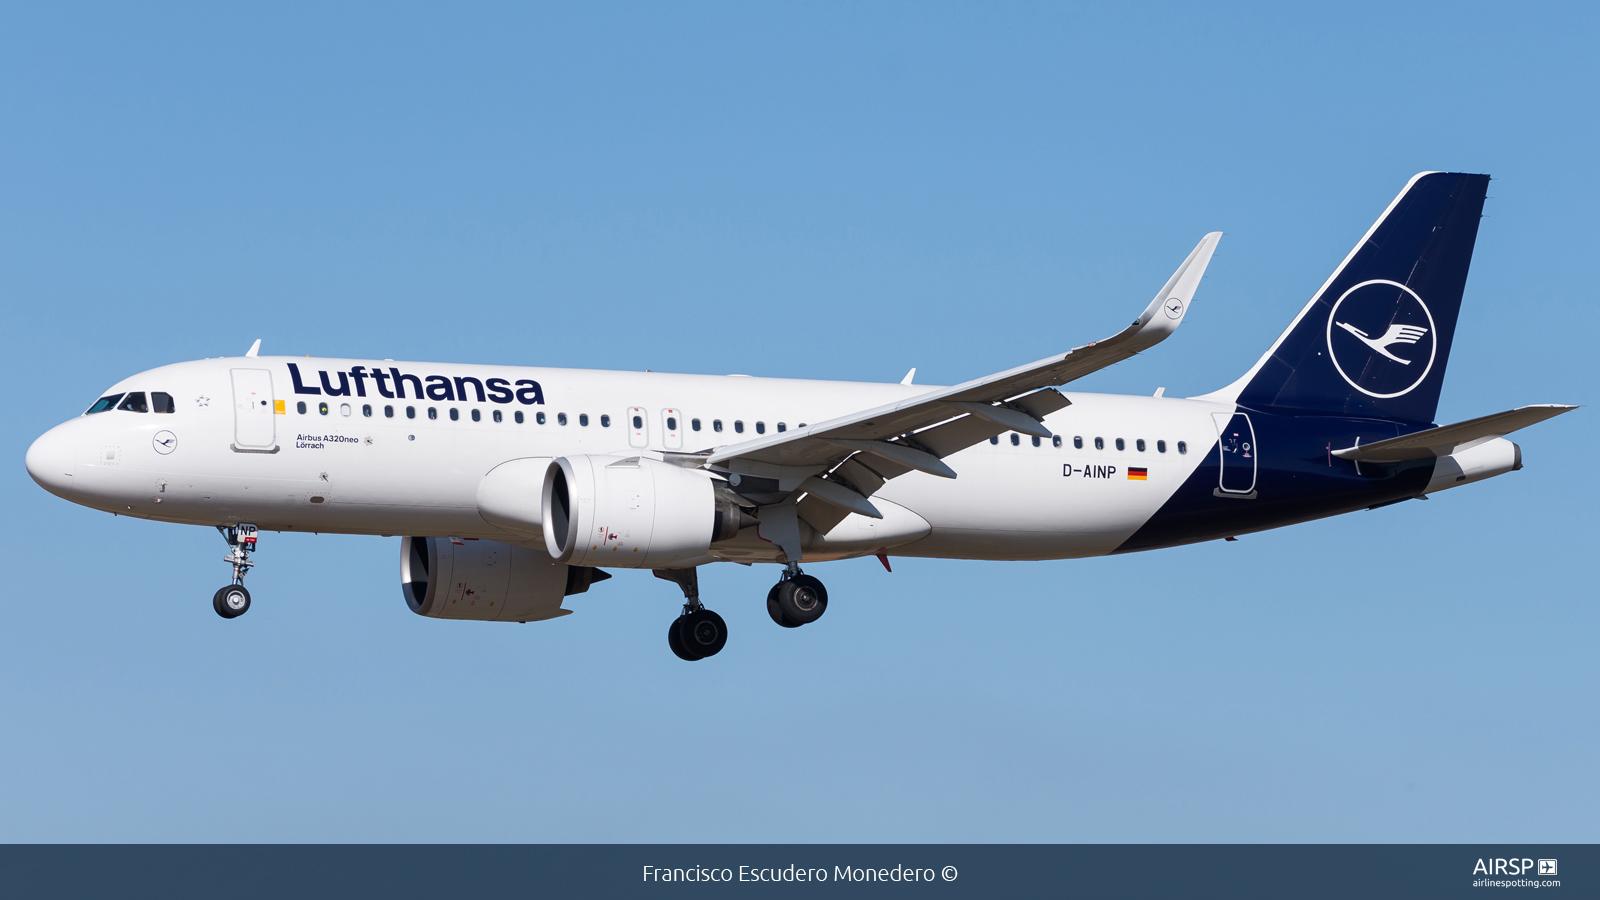 Lufthansa  Airbus A320neo  D-AINP